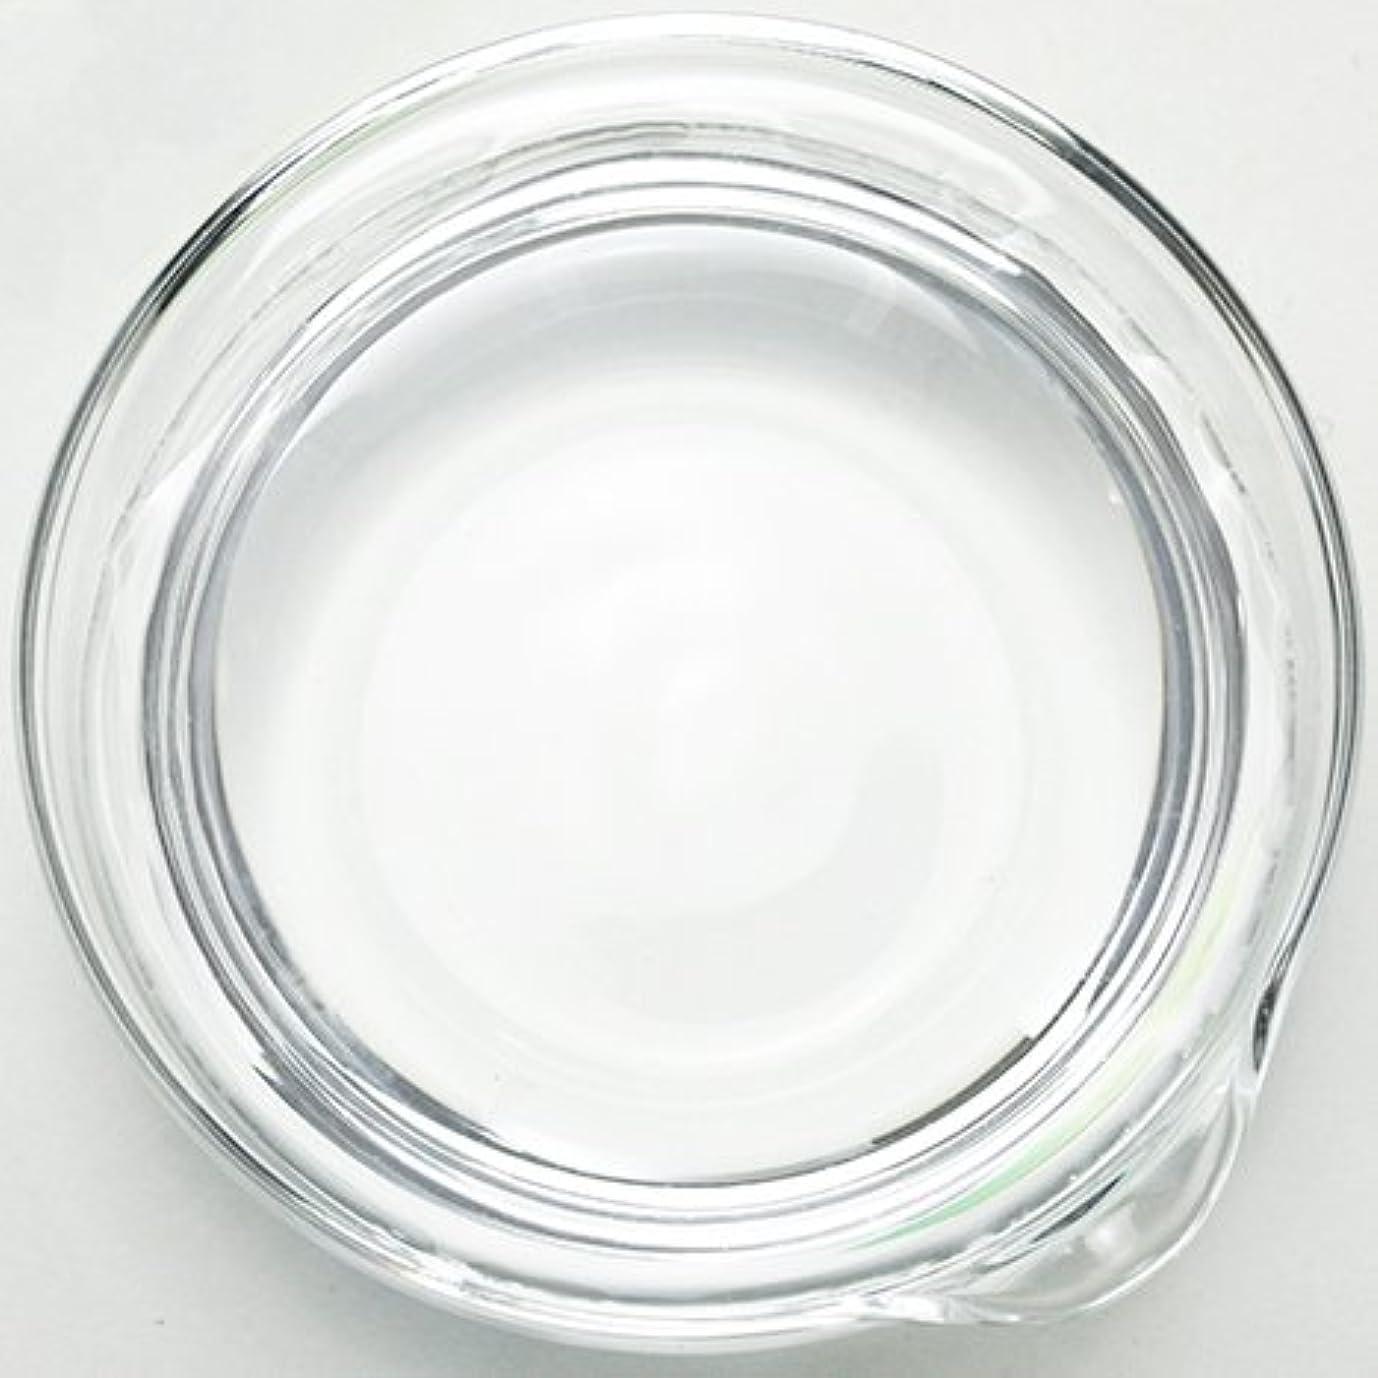 和解する喜ぶ些細な濃グリセリン[植物性] 100ml 【手作り石鹸/手作りコスメ】